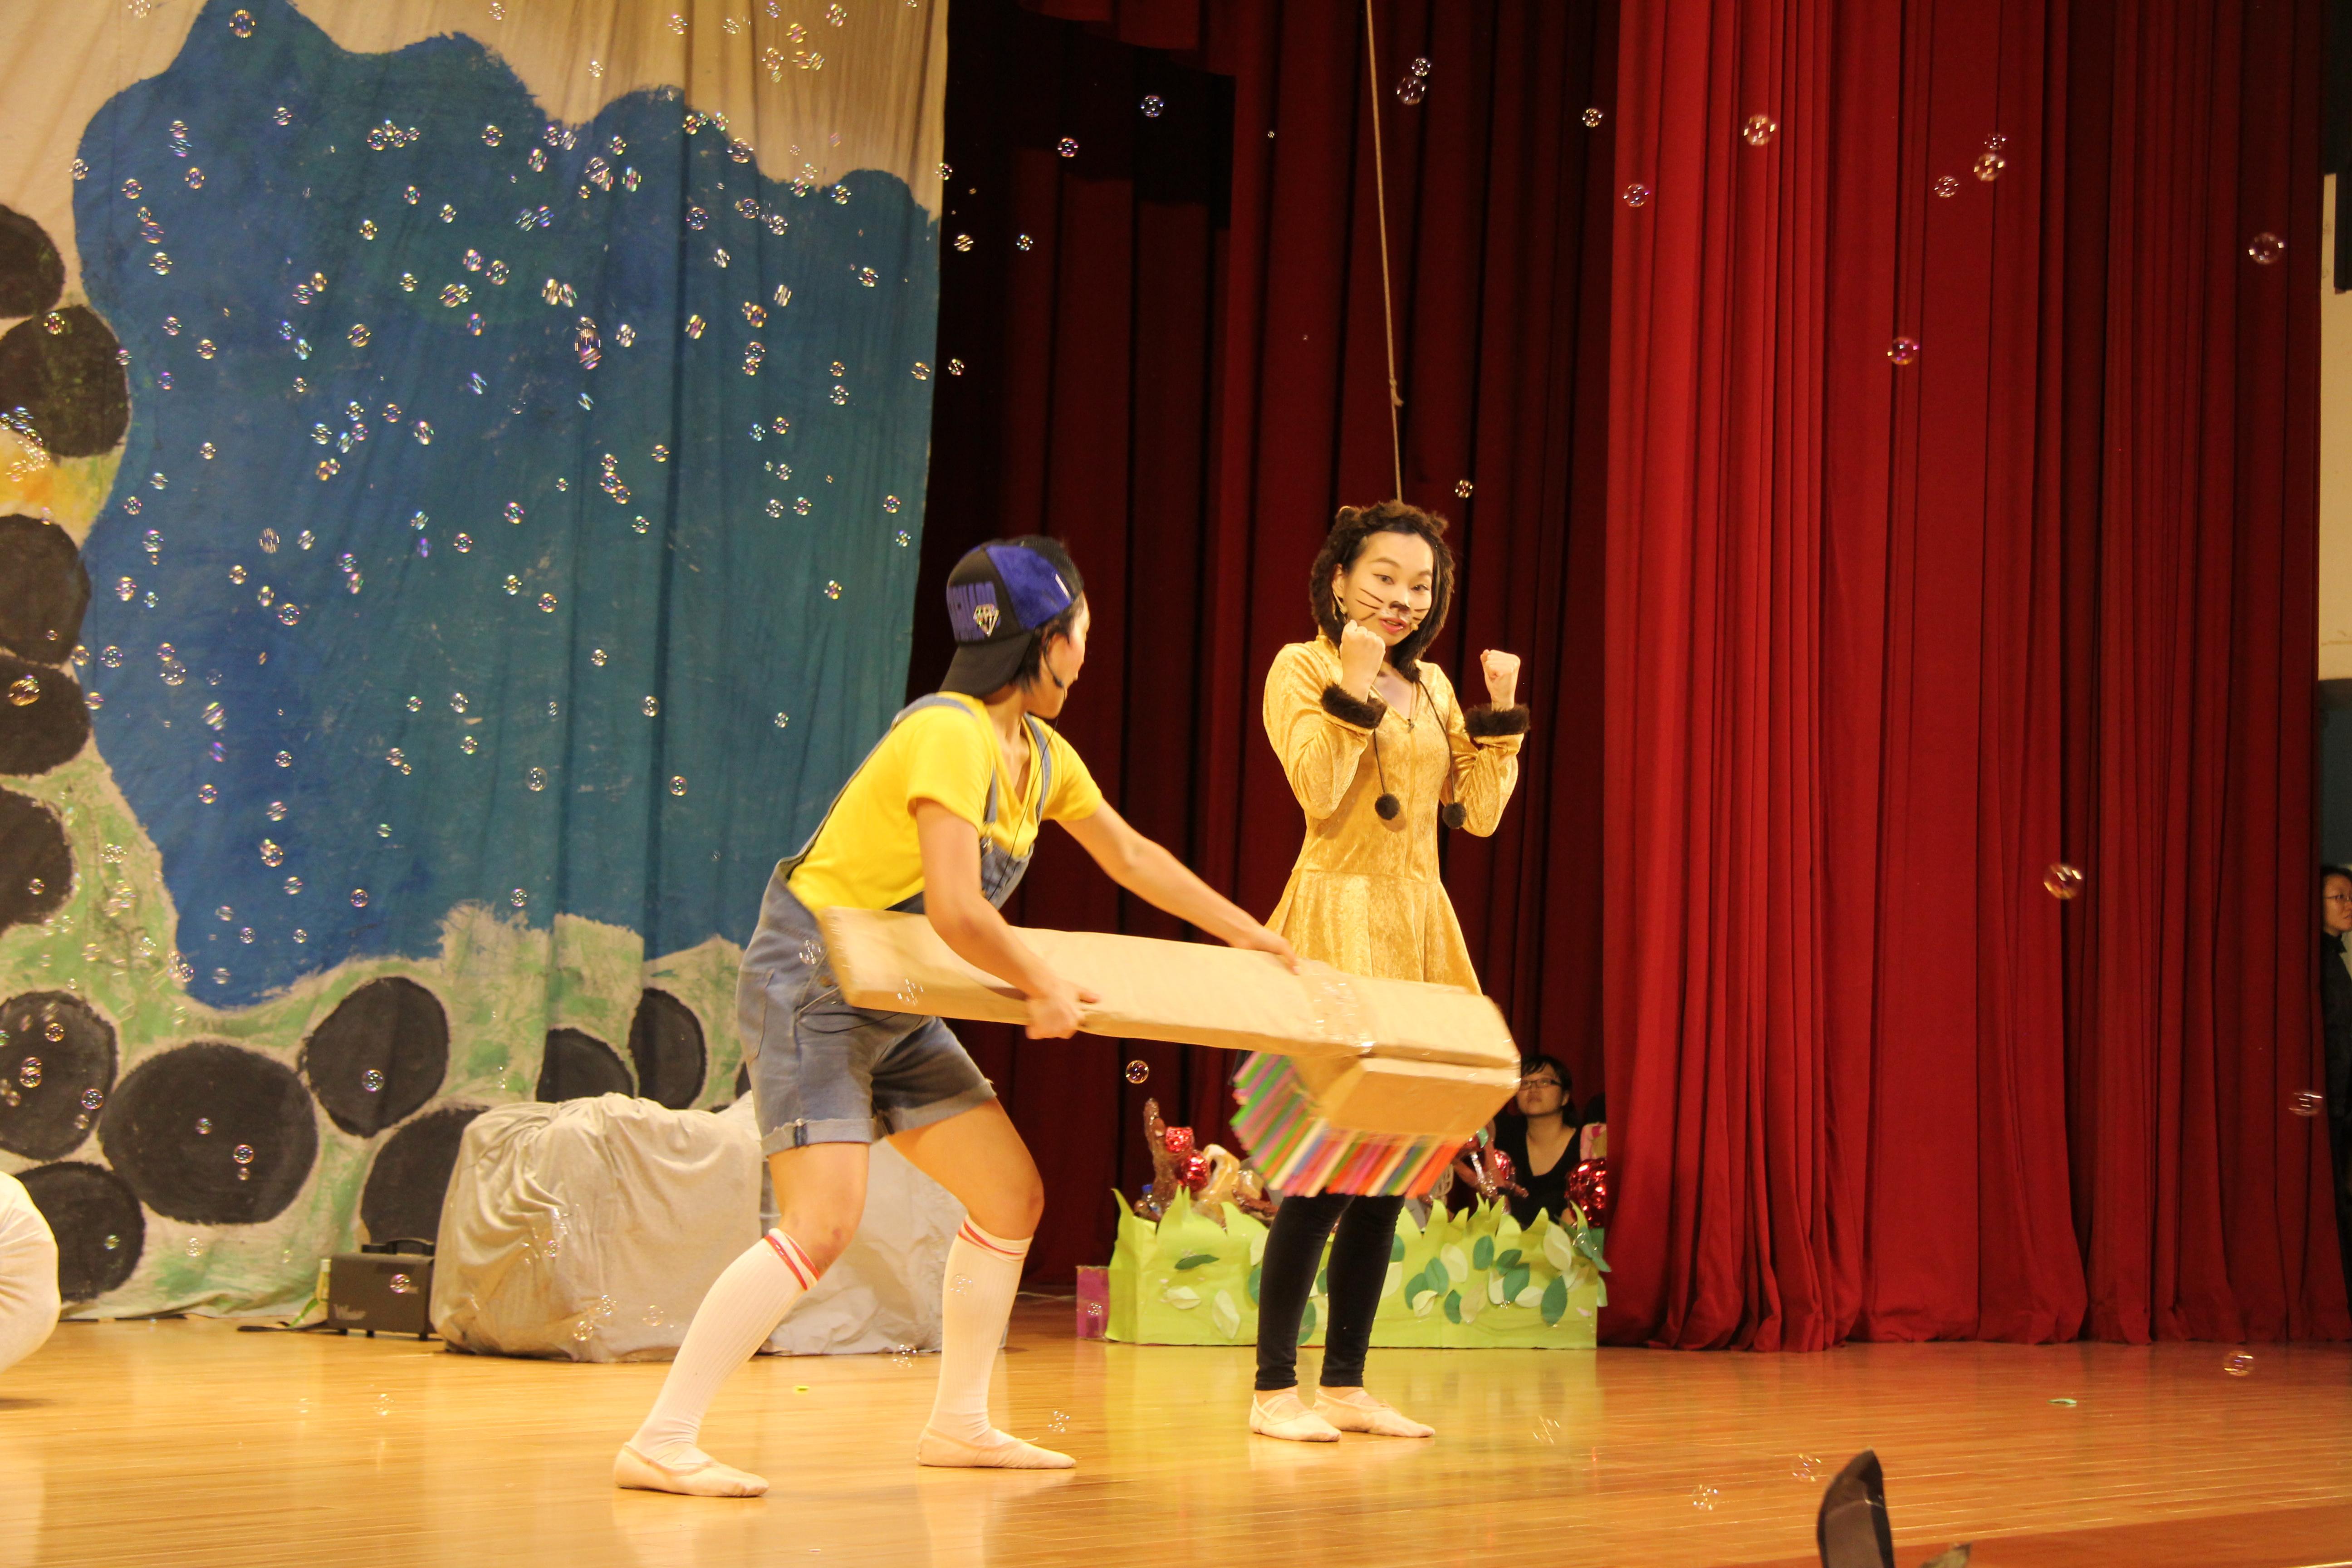 劇中弟弟幫獅子玩偶洗澡,並以帶動唱方式與台下小朋友們互動。 圖/鄭晏欣攝